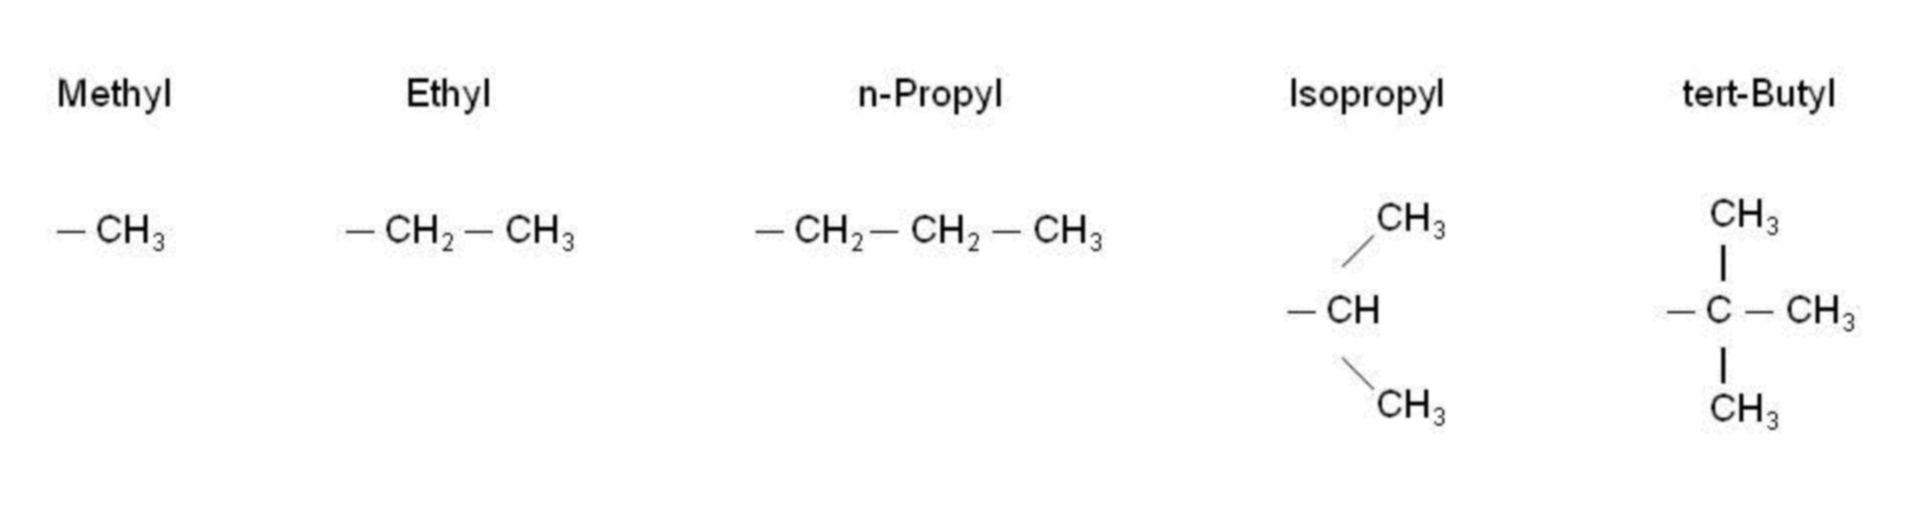 Alkenes - nomenclature (examples)